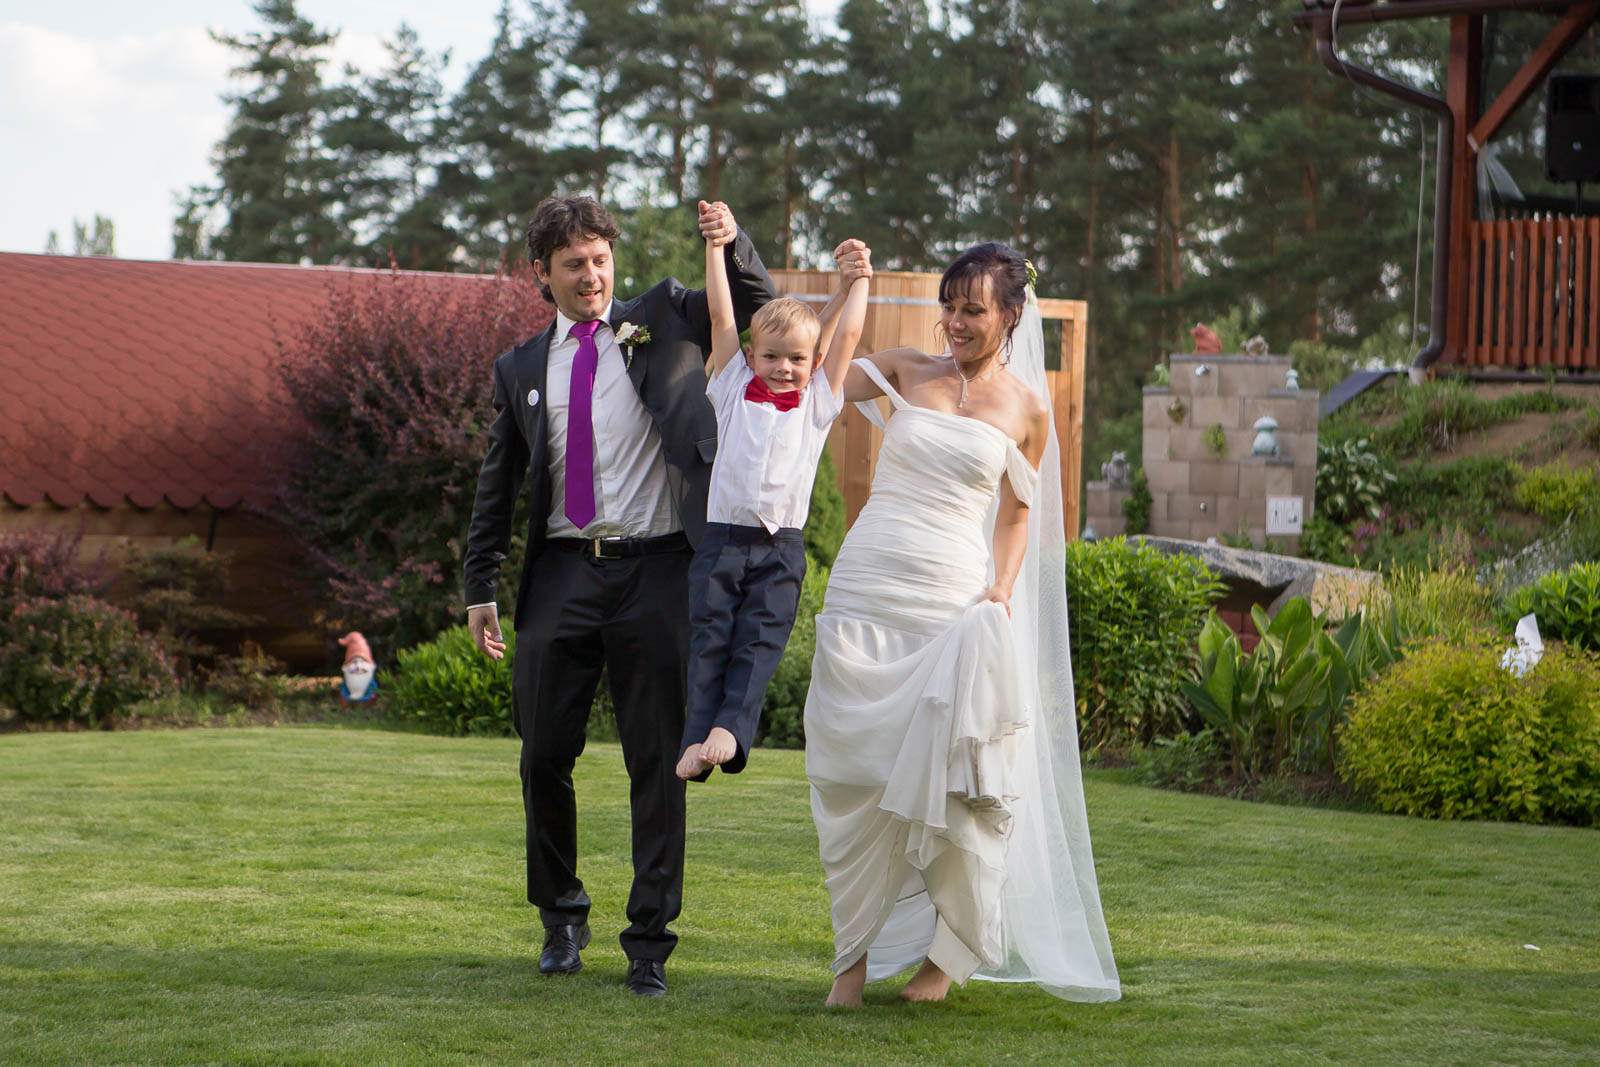 Svatební-fotografie-Mirka-a-Petr-svatební-fotograf- svatebni-kameraman-studio-Beautyfoto-Jižní-Čechy-Zvíkov-Orlík-svatební-video beautyfoto-97